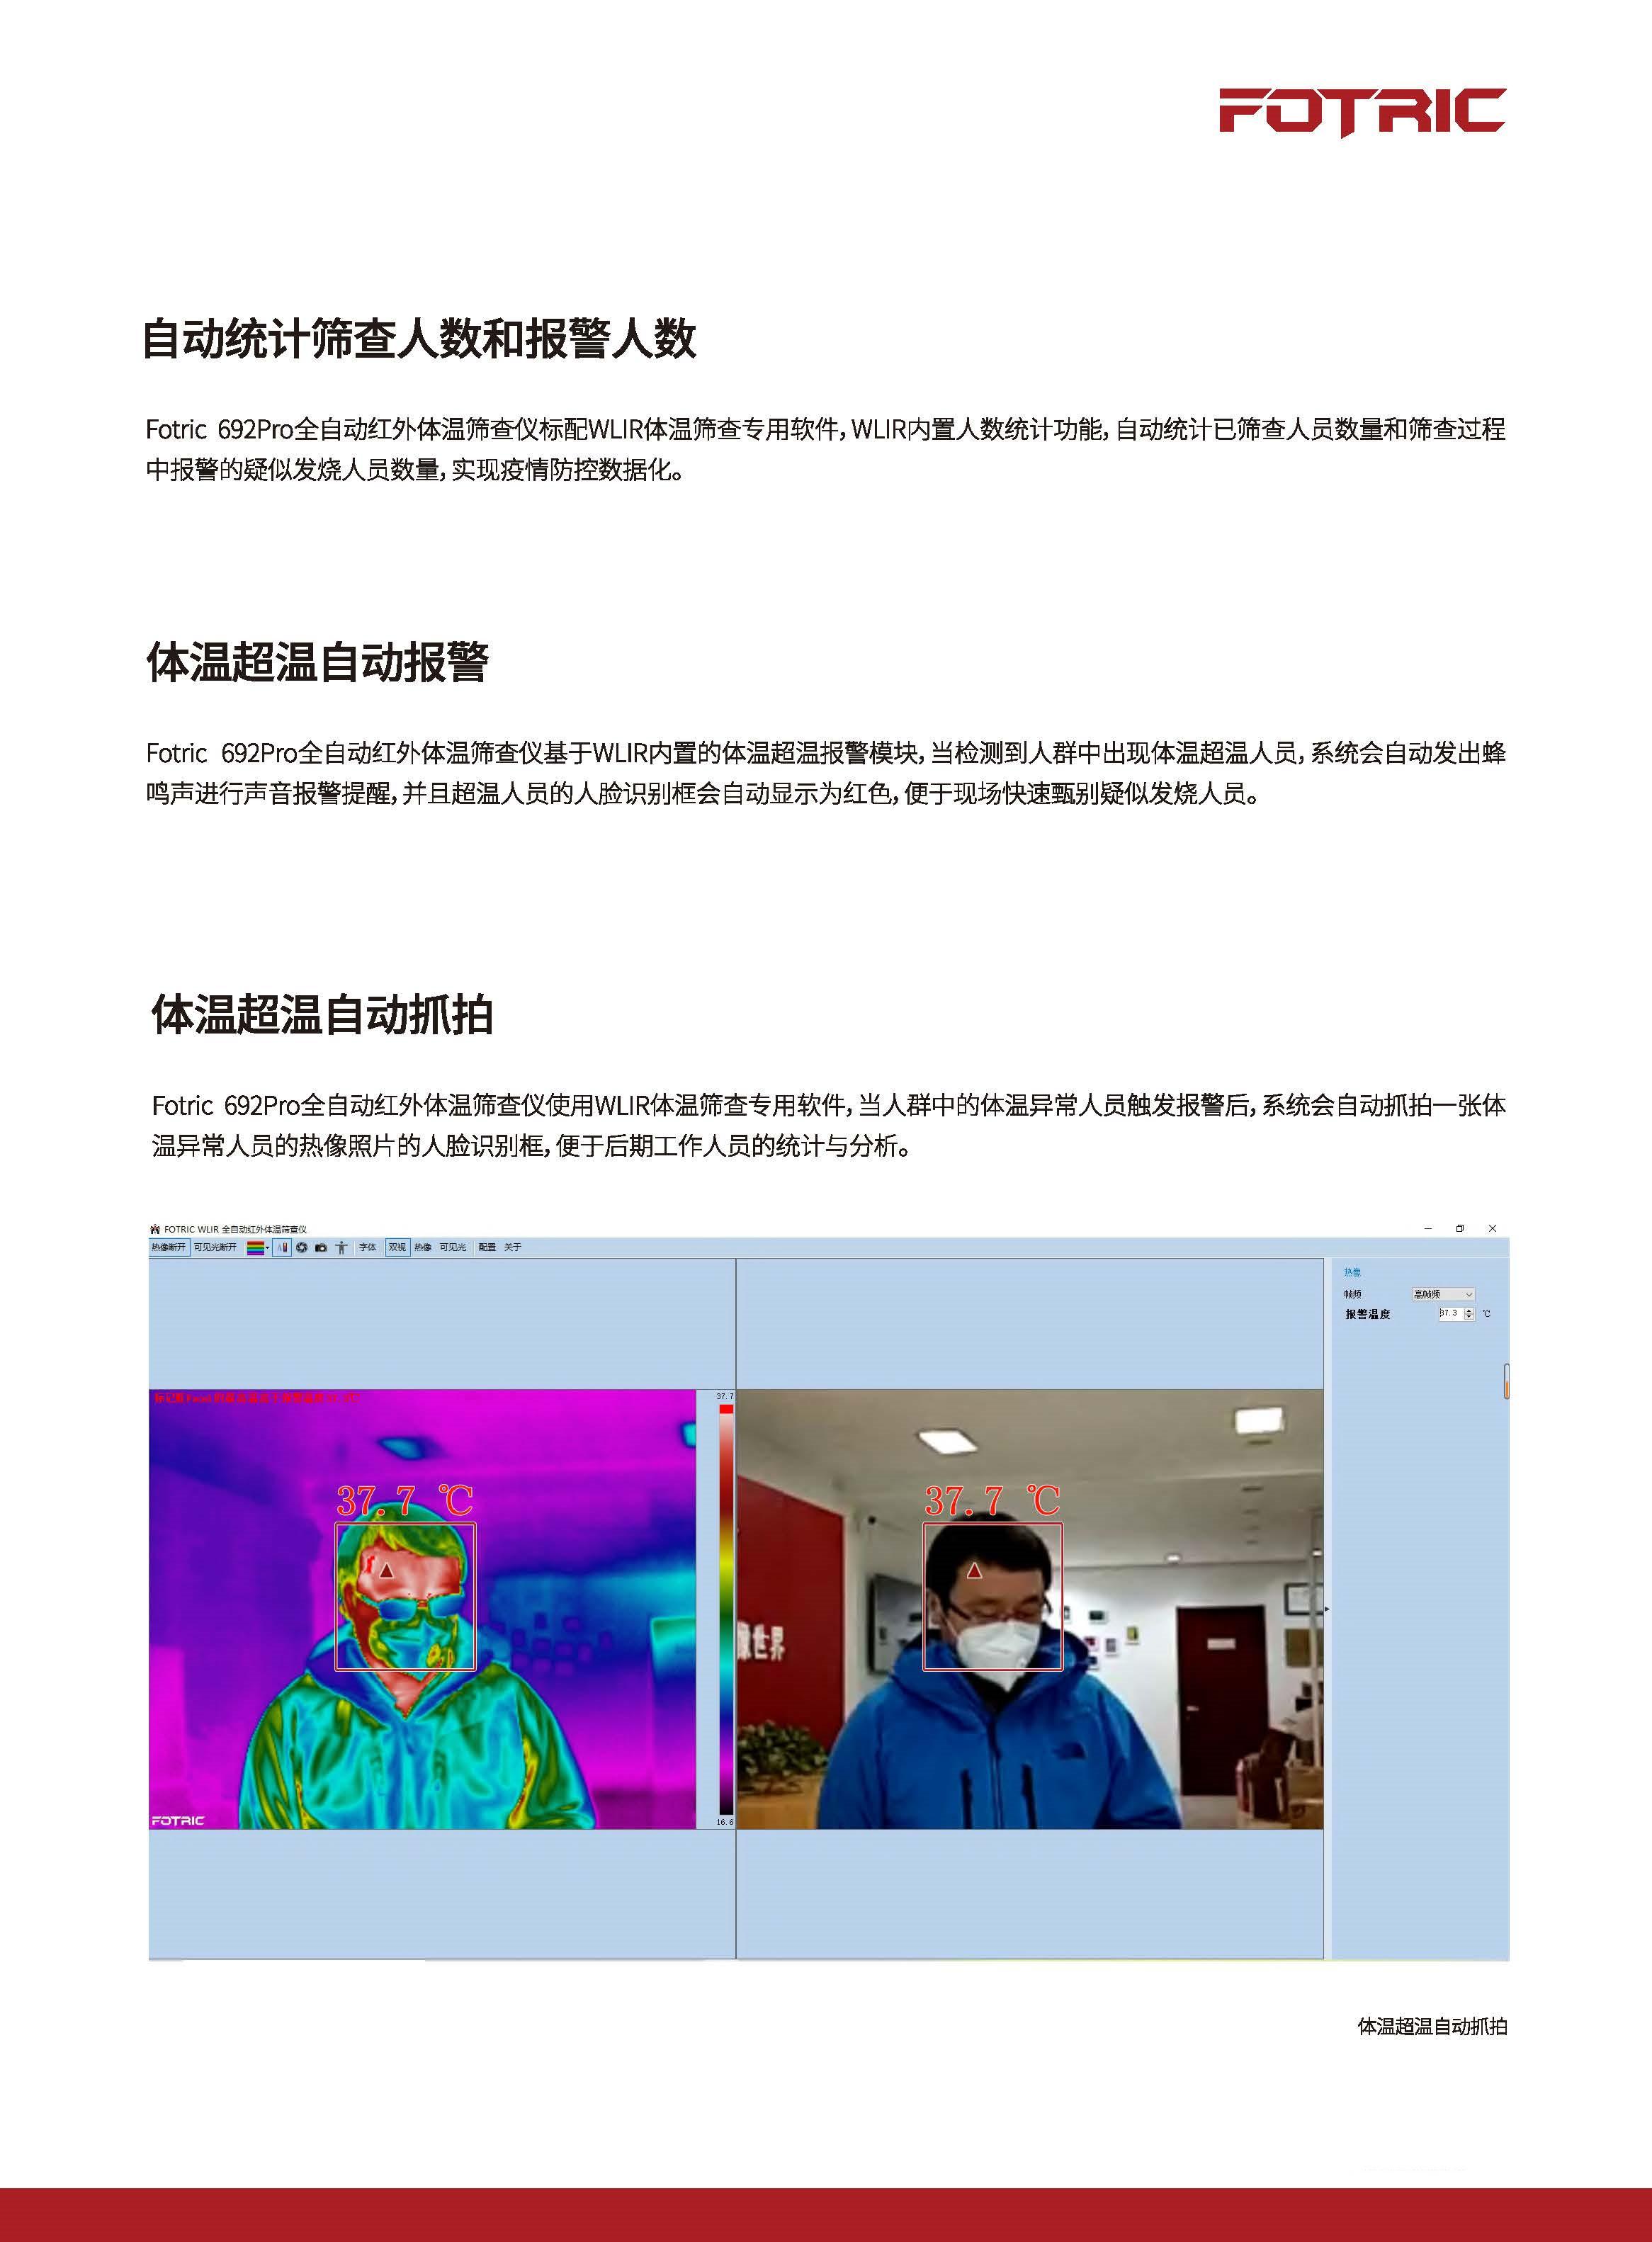 全自动红外体温筛查仪3.jpg